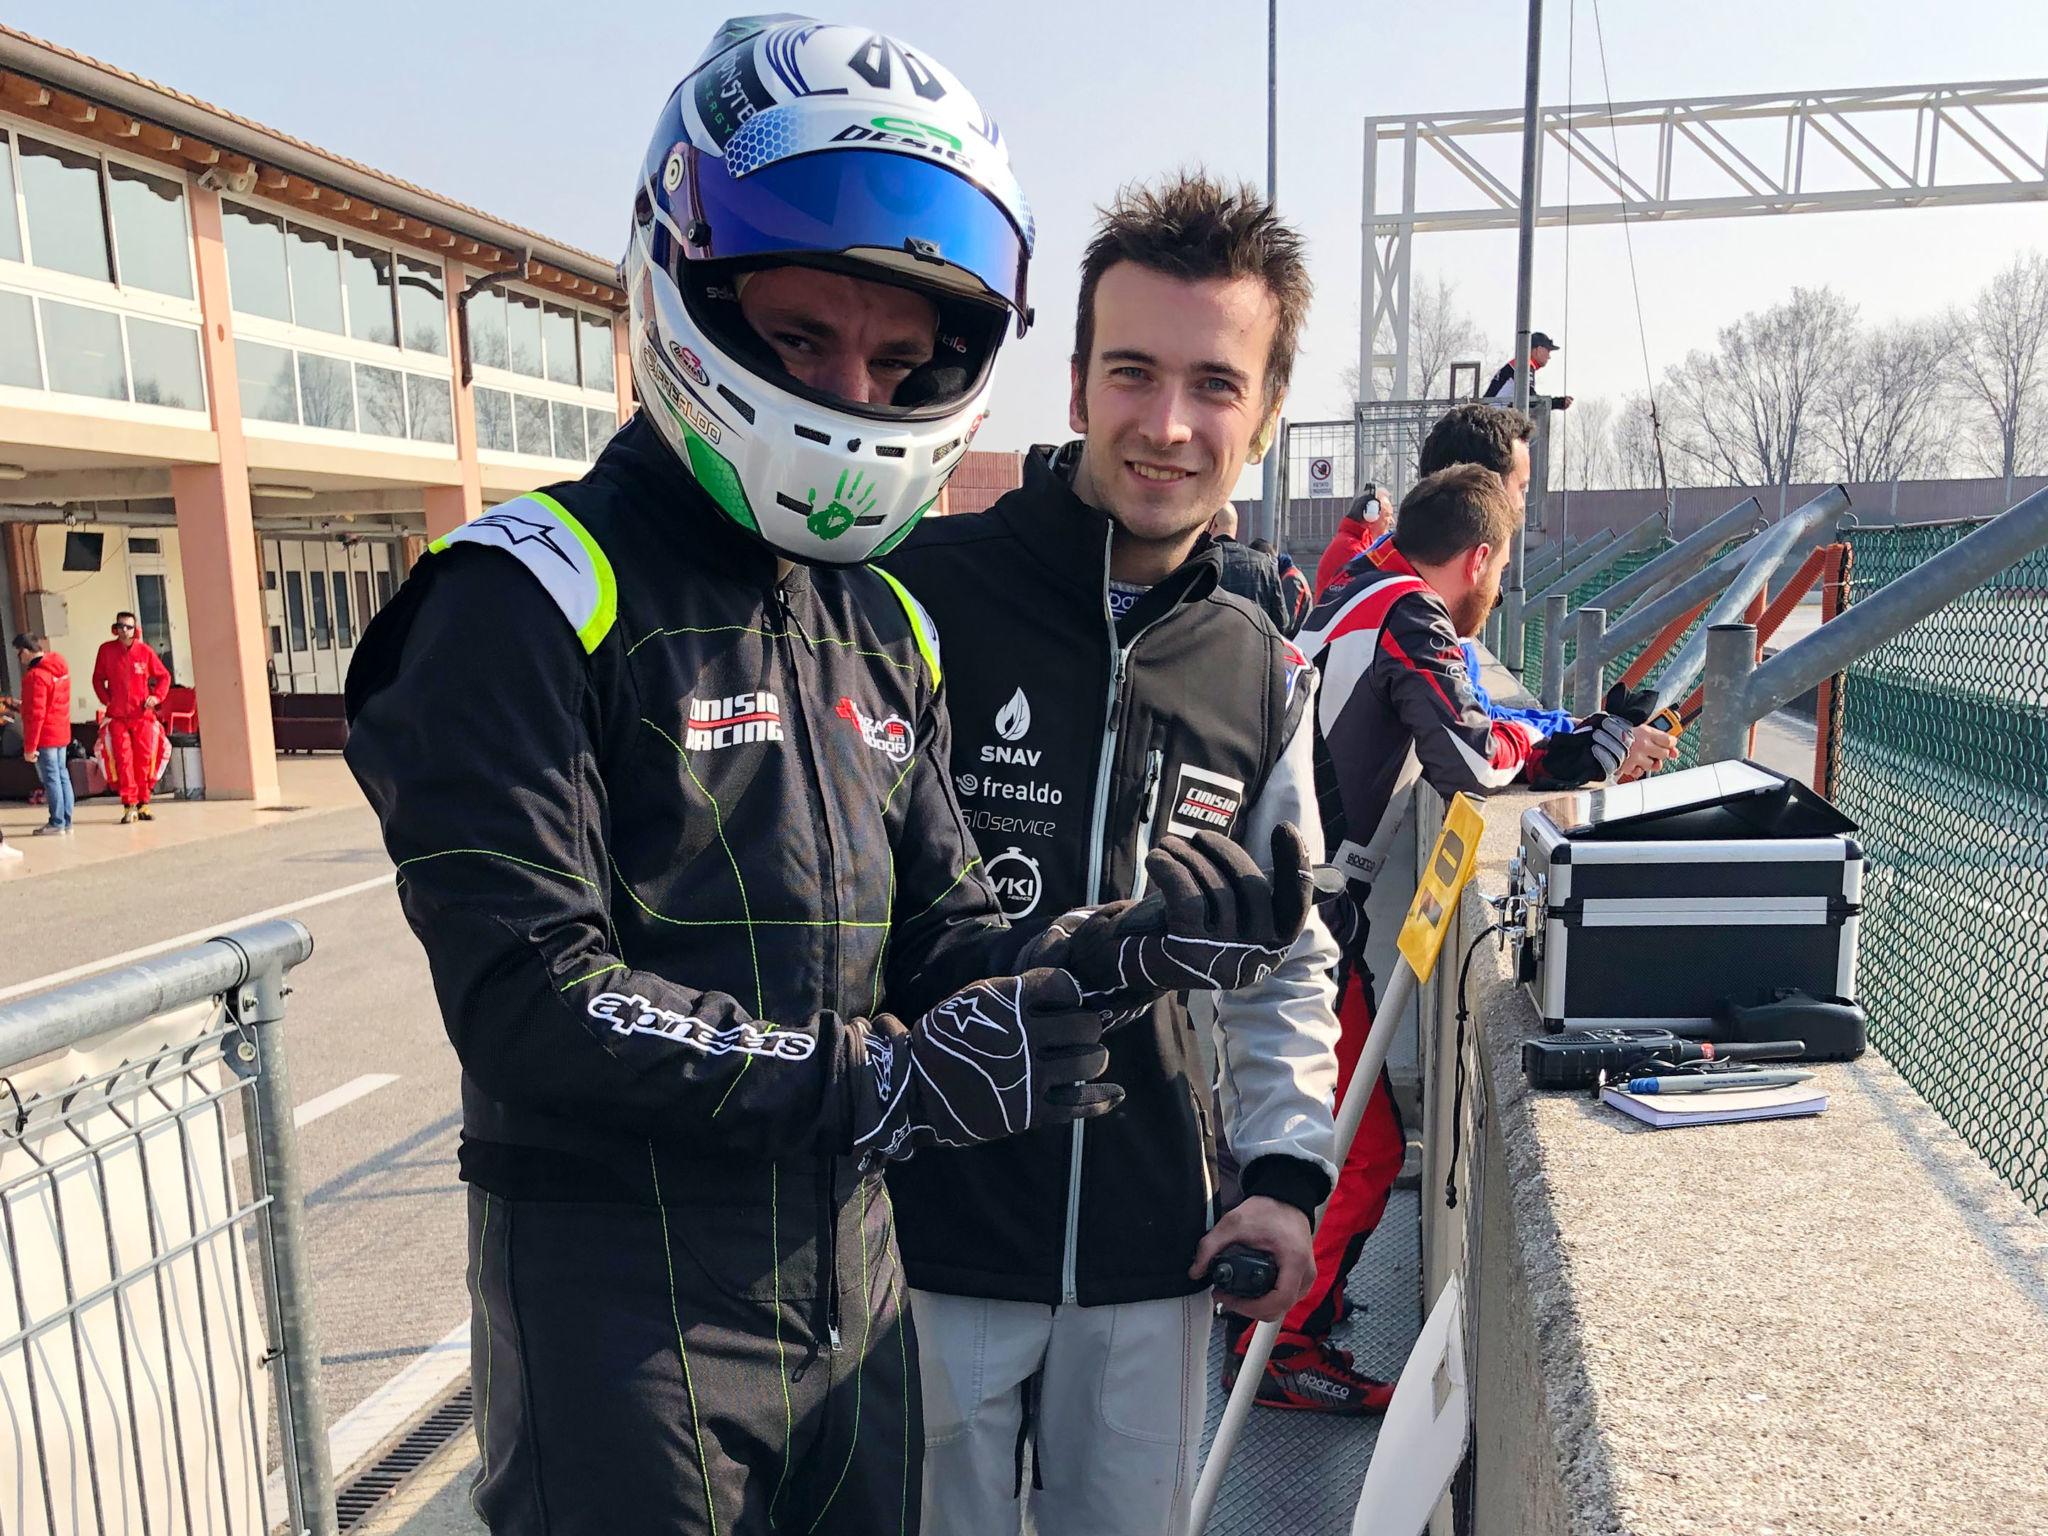 Simone e Marco- 6h Winter Trophy, 2 marzo 2019